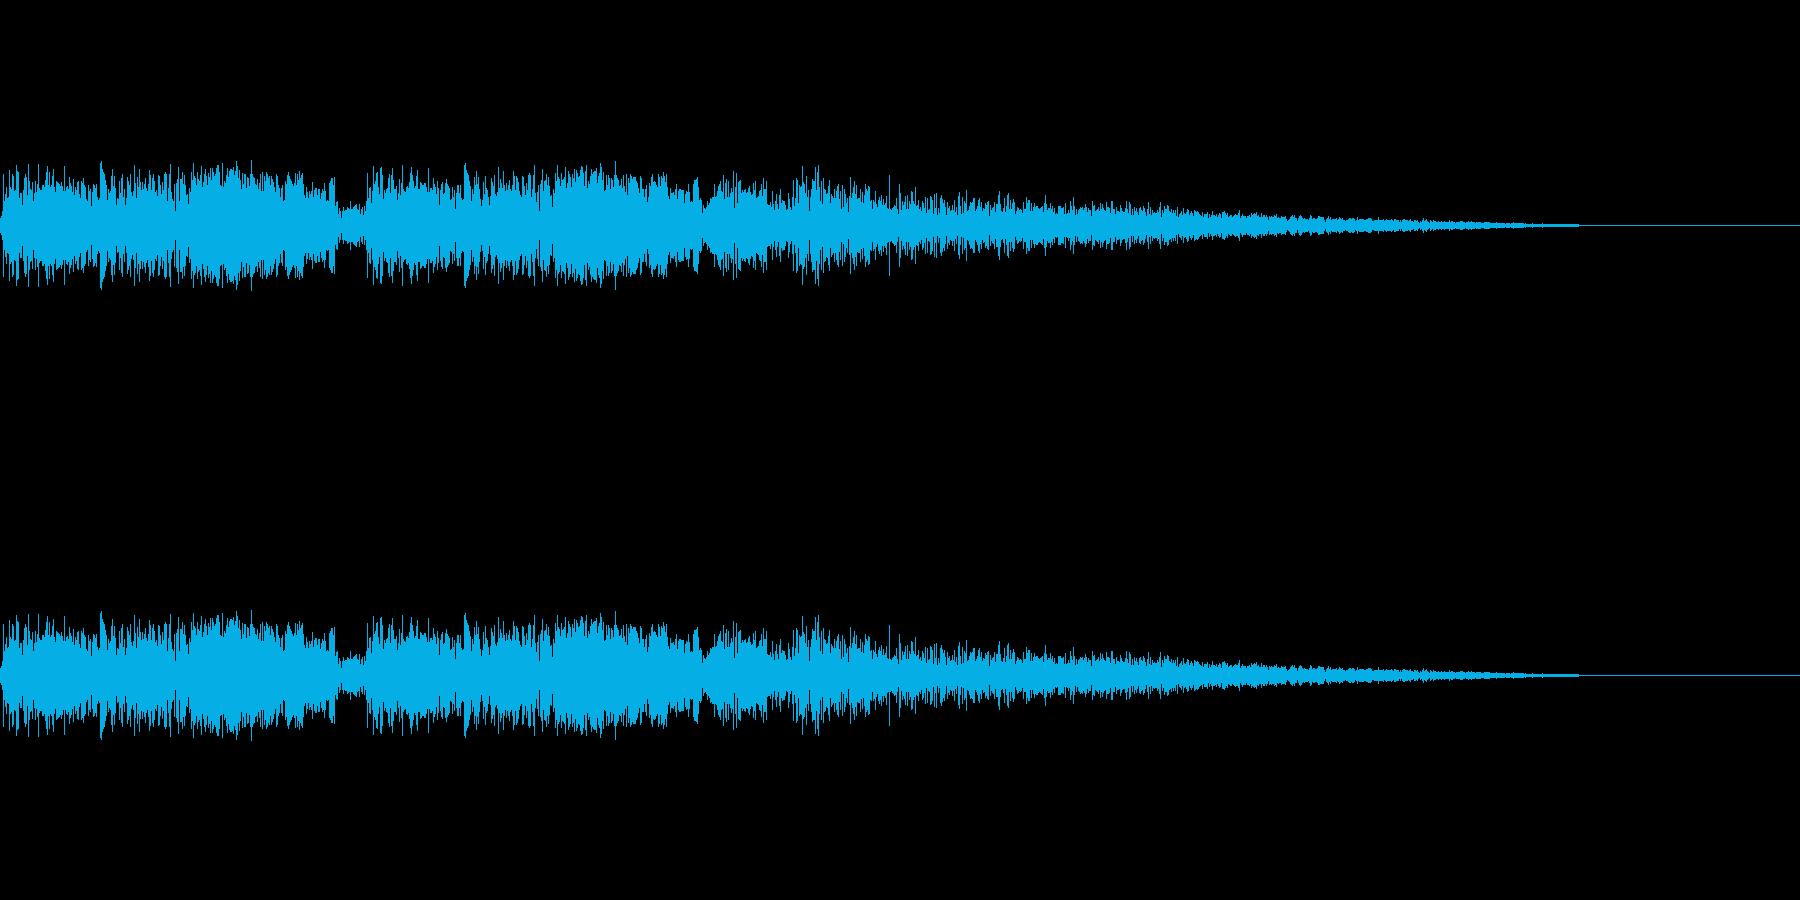 バキュンバキューン(銃を撃つ音)の再生済みの波形